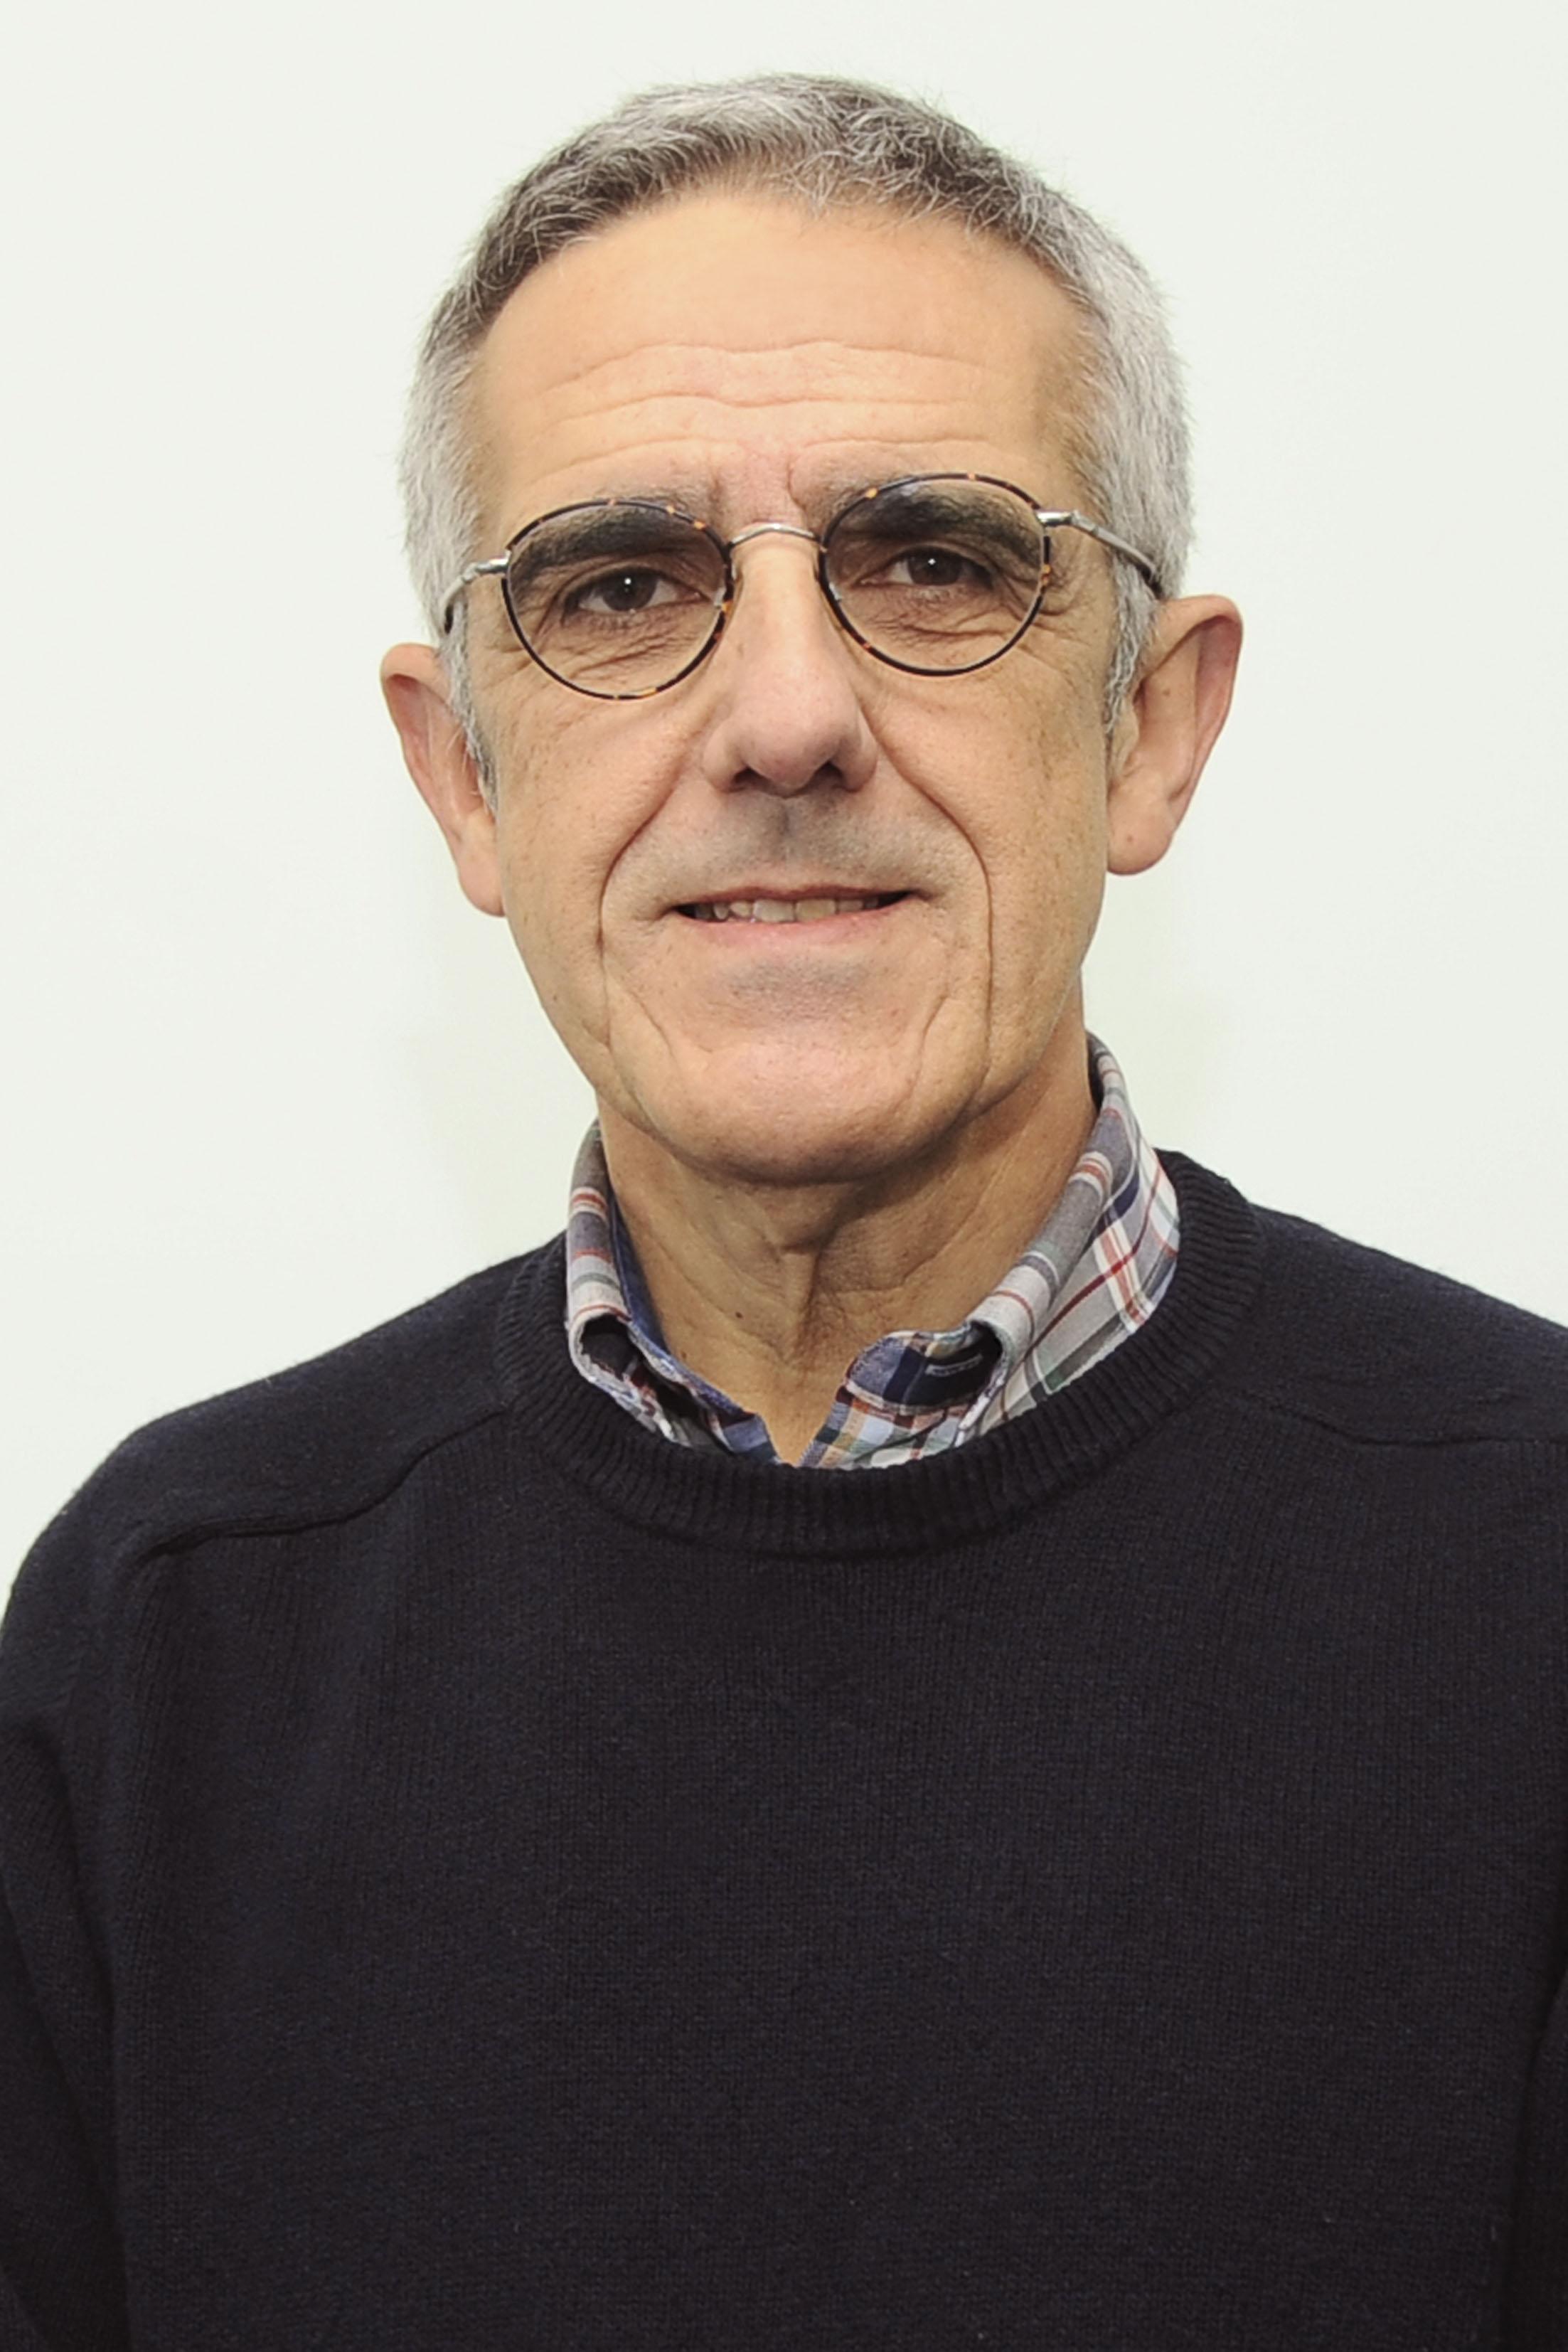 João Manuel Lopes de Oliveira